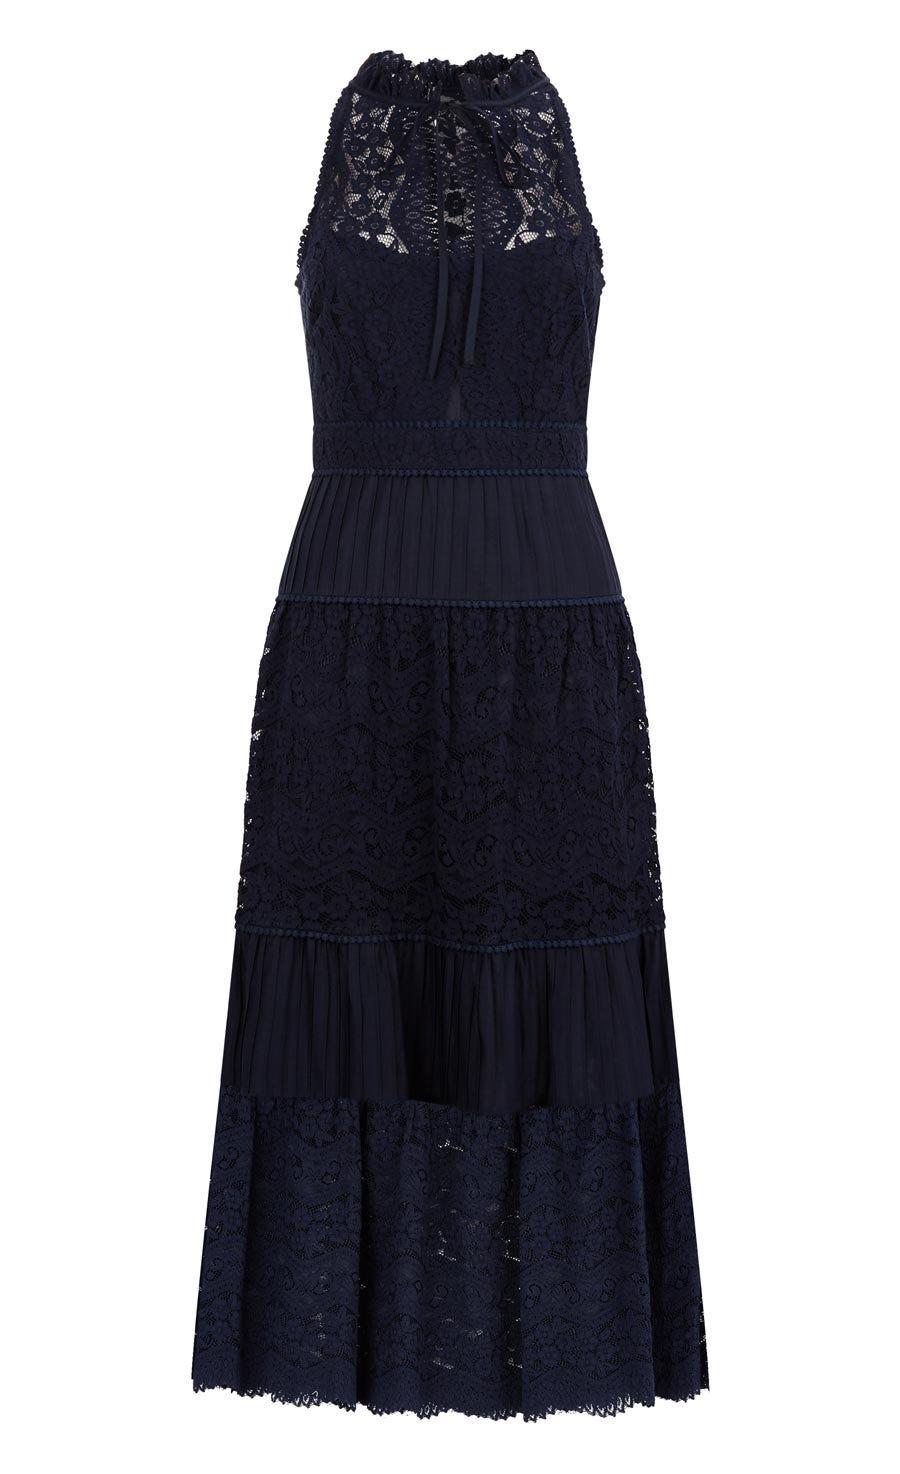 Lunar Lace Midi Dress, Midnight